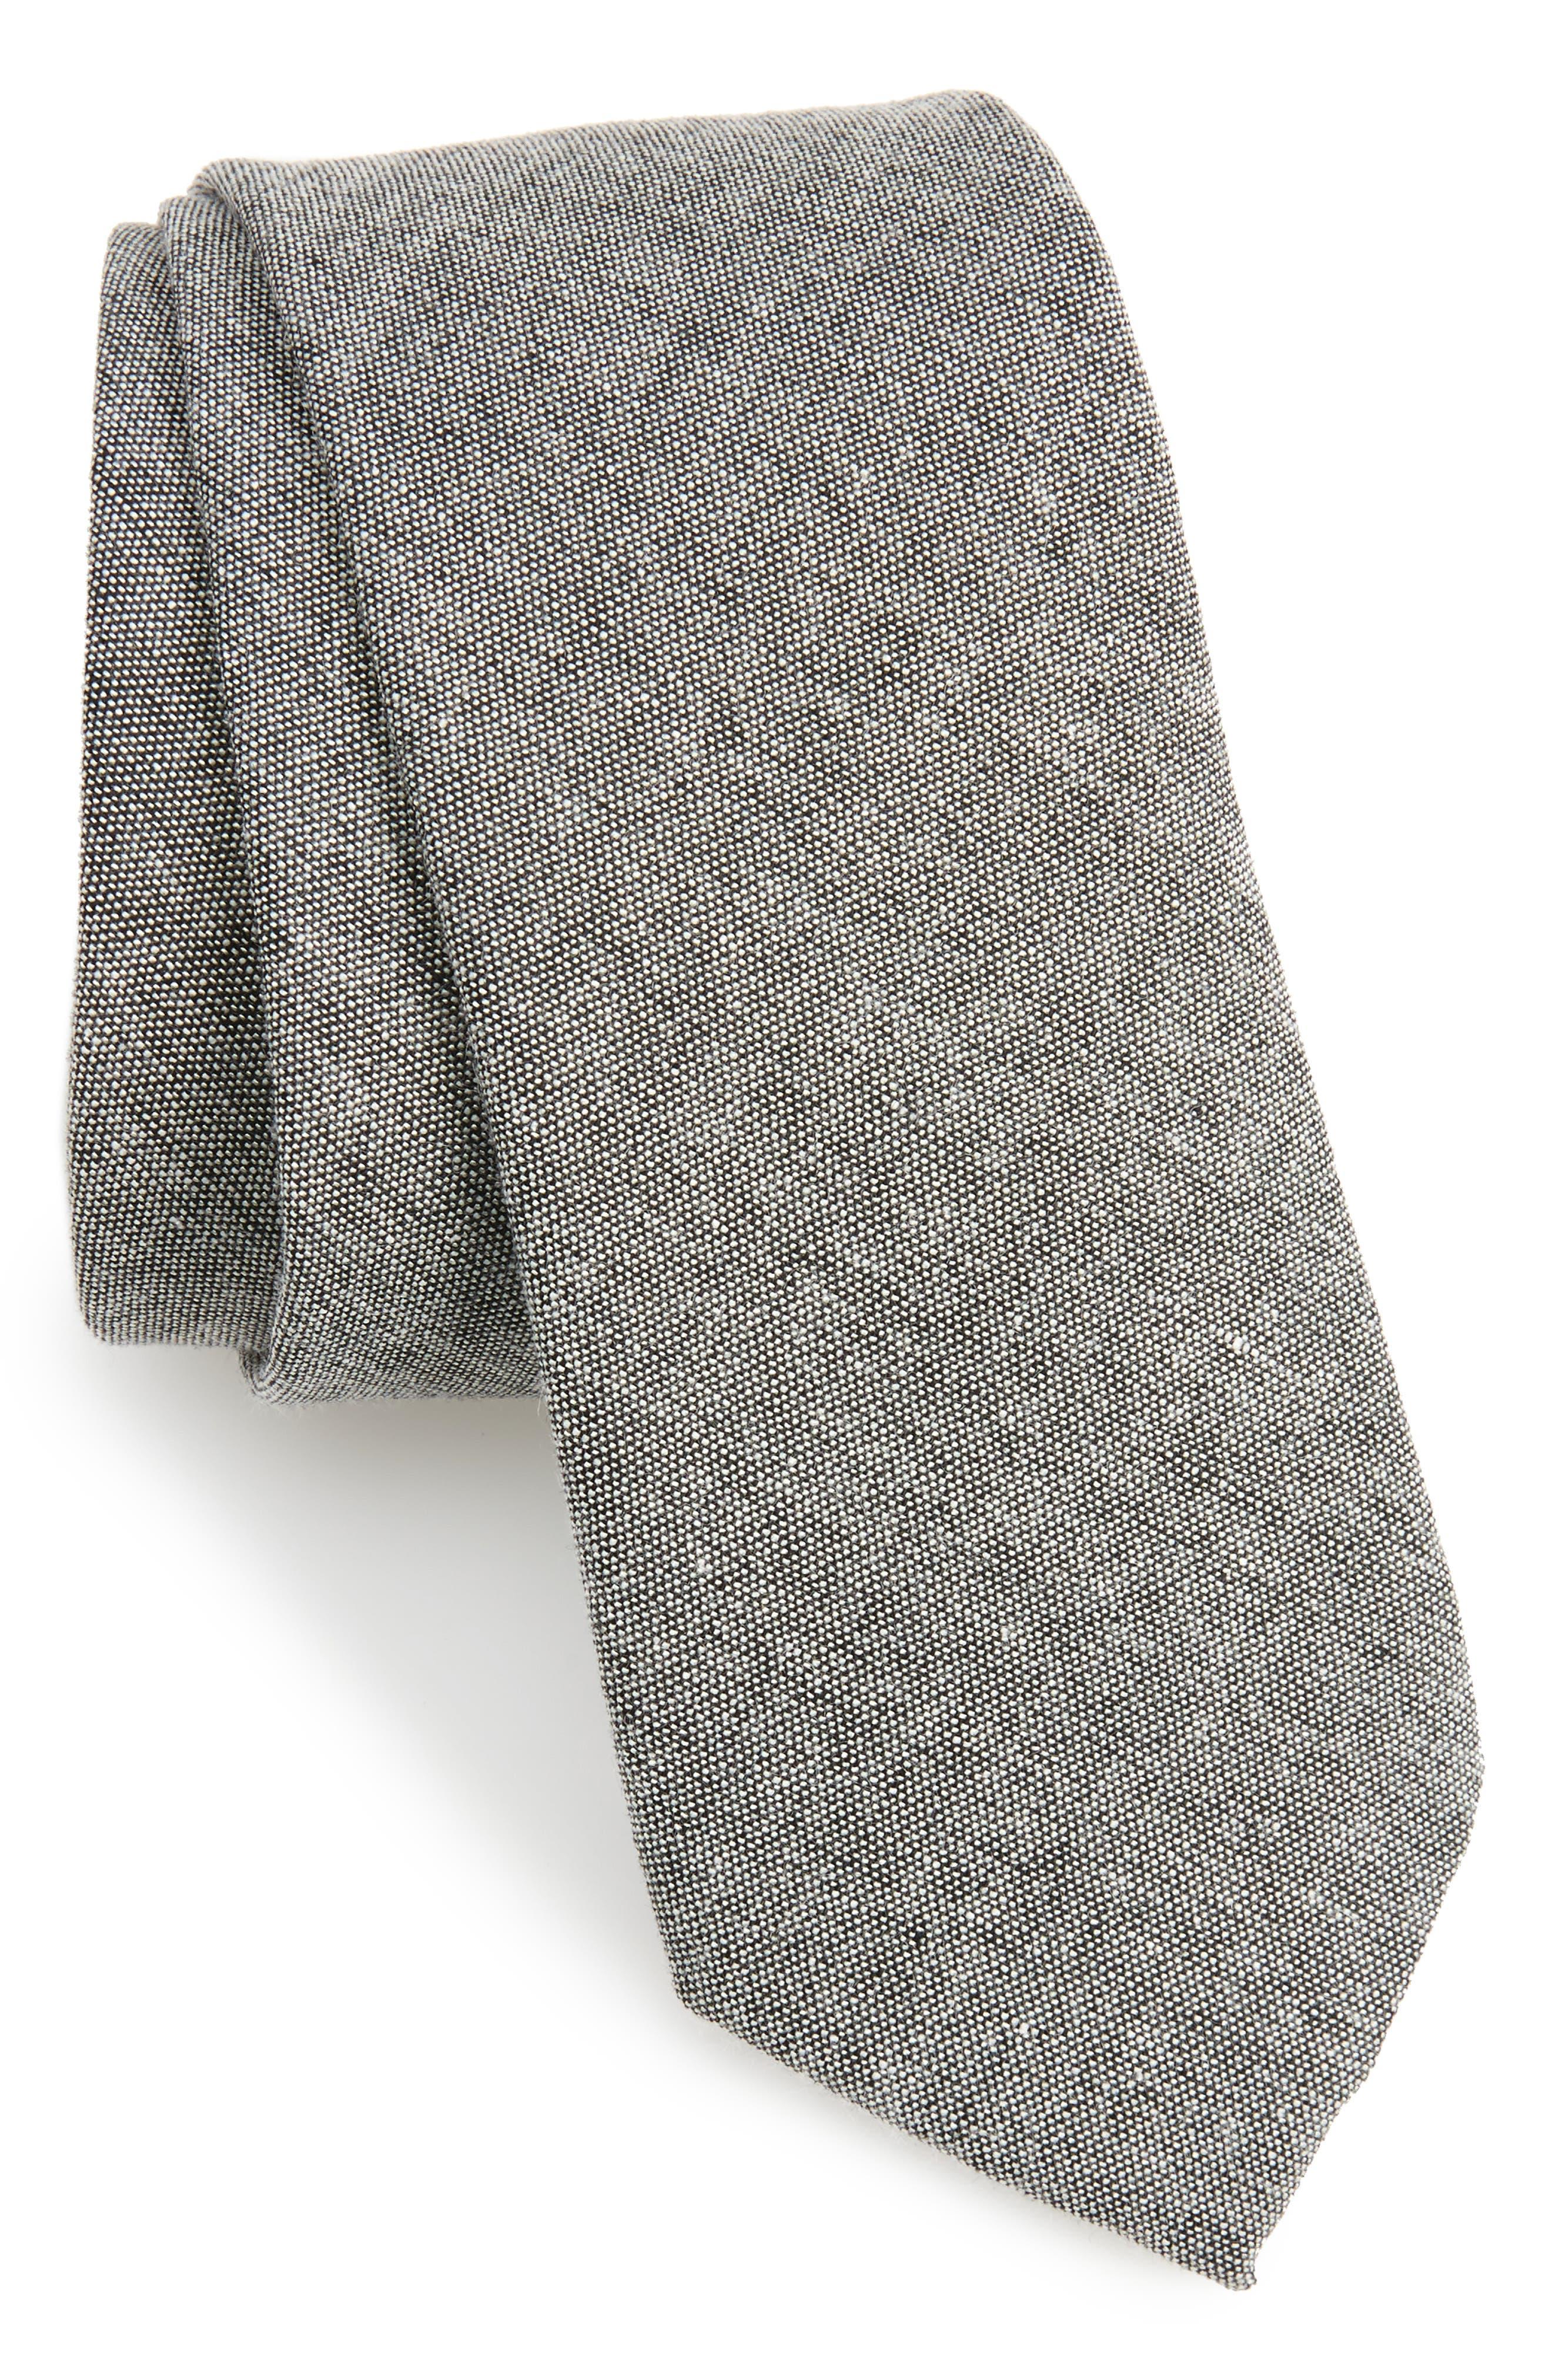 Main Image - Nordstrom Men's Shop Textured Skinny Tie